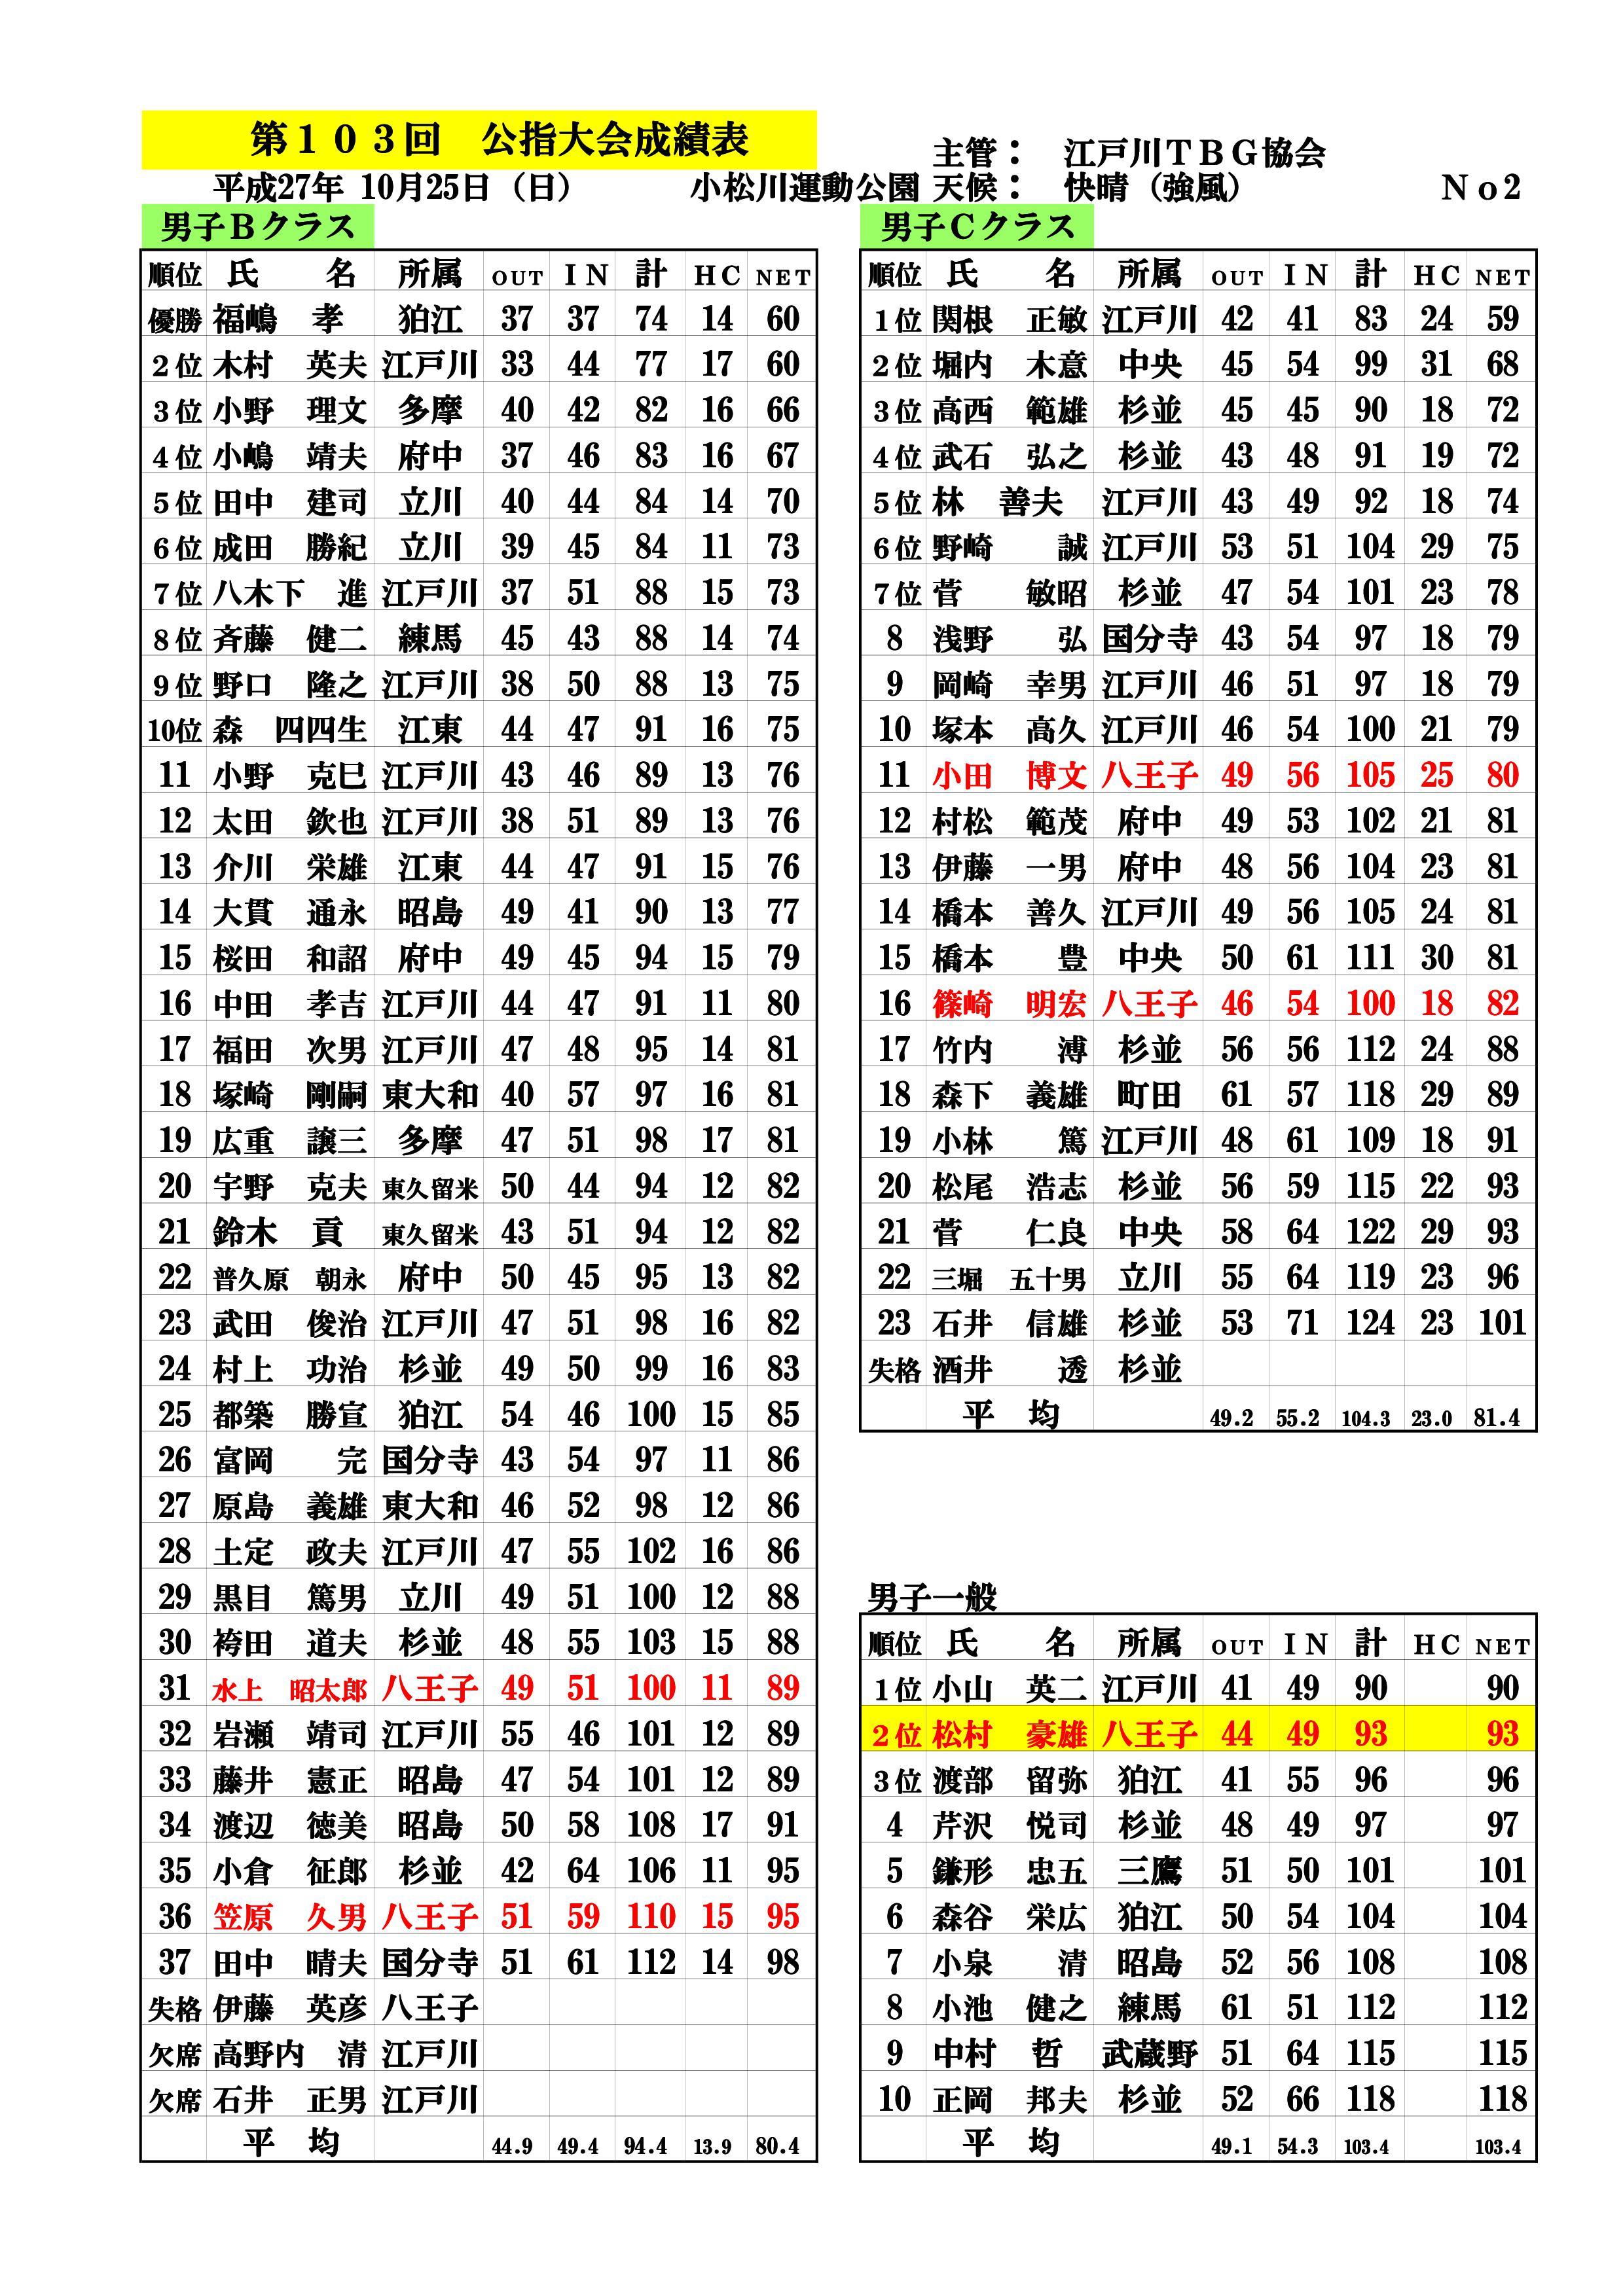 第103回公認指導者大会成績表&HC改定(27.10.25.小松川運動公園)-002